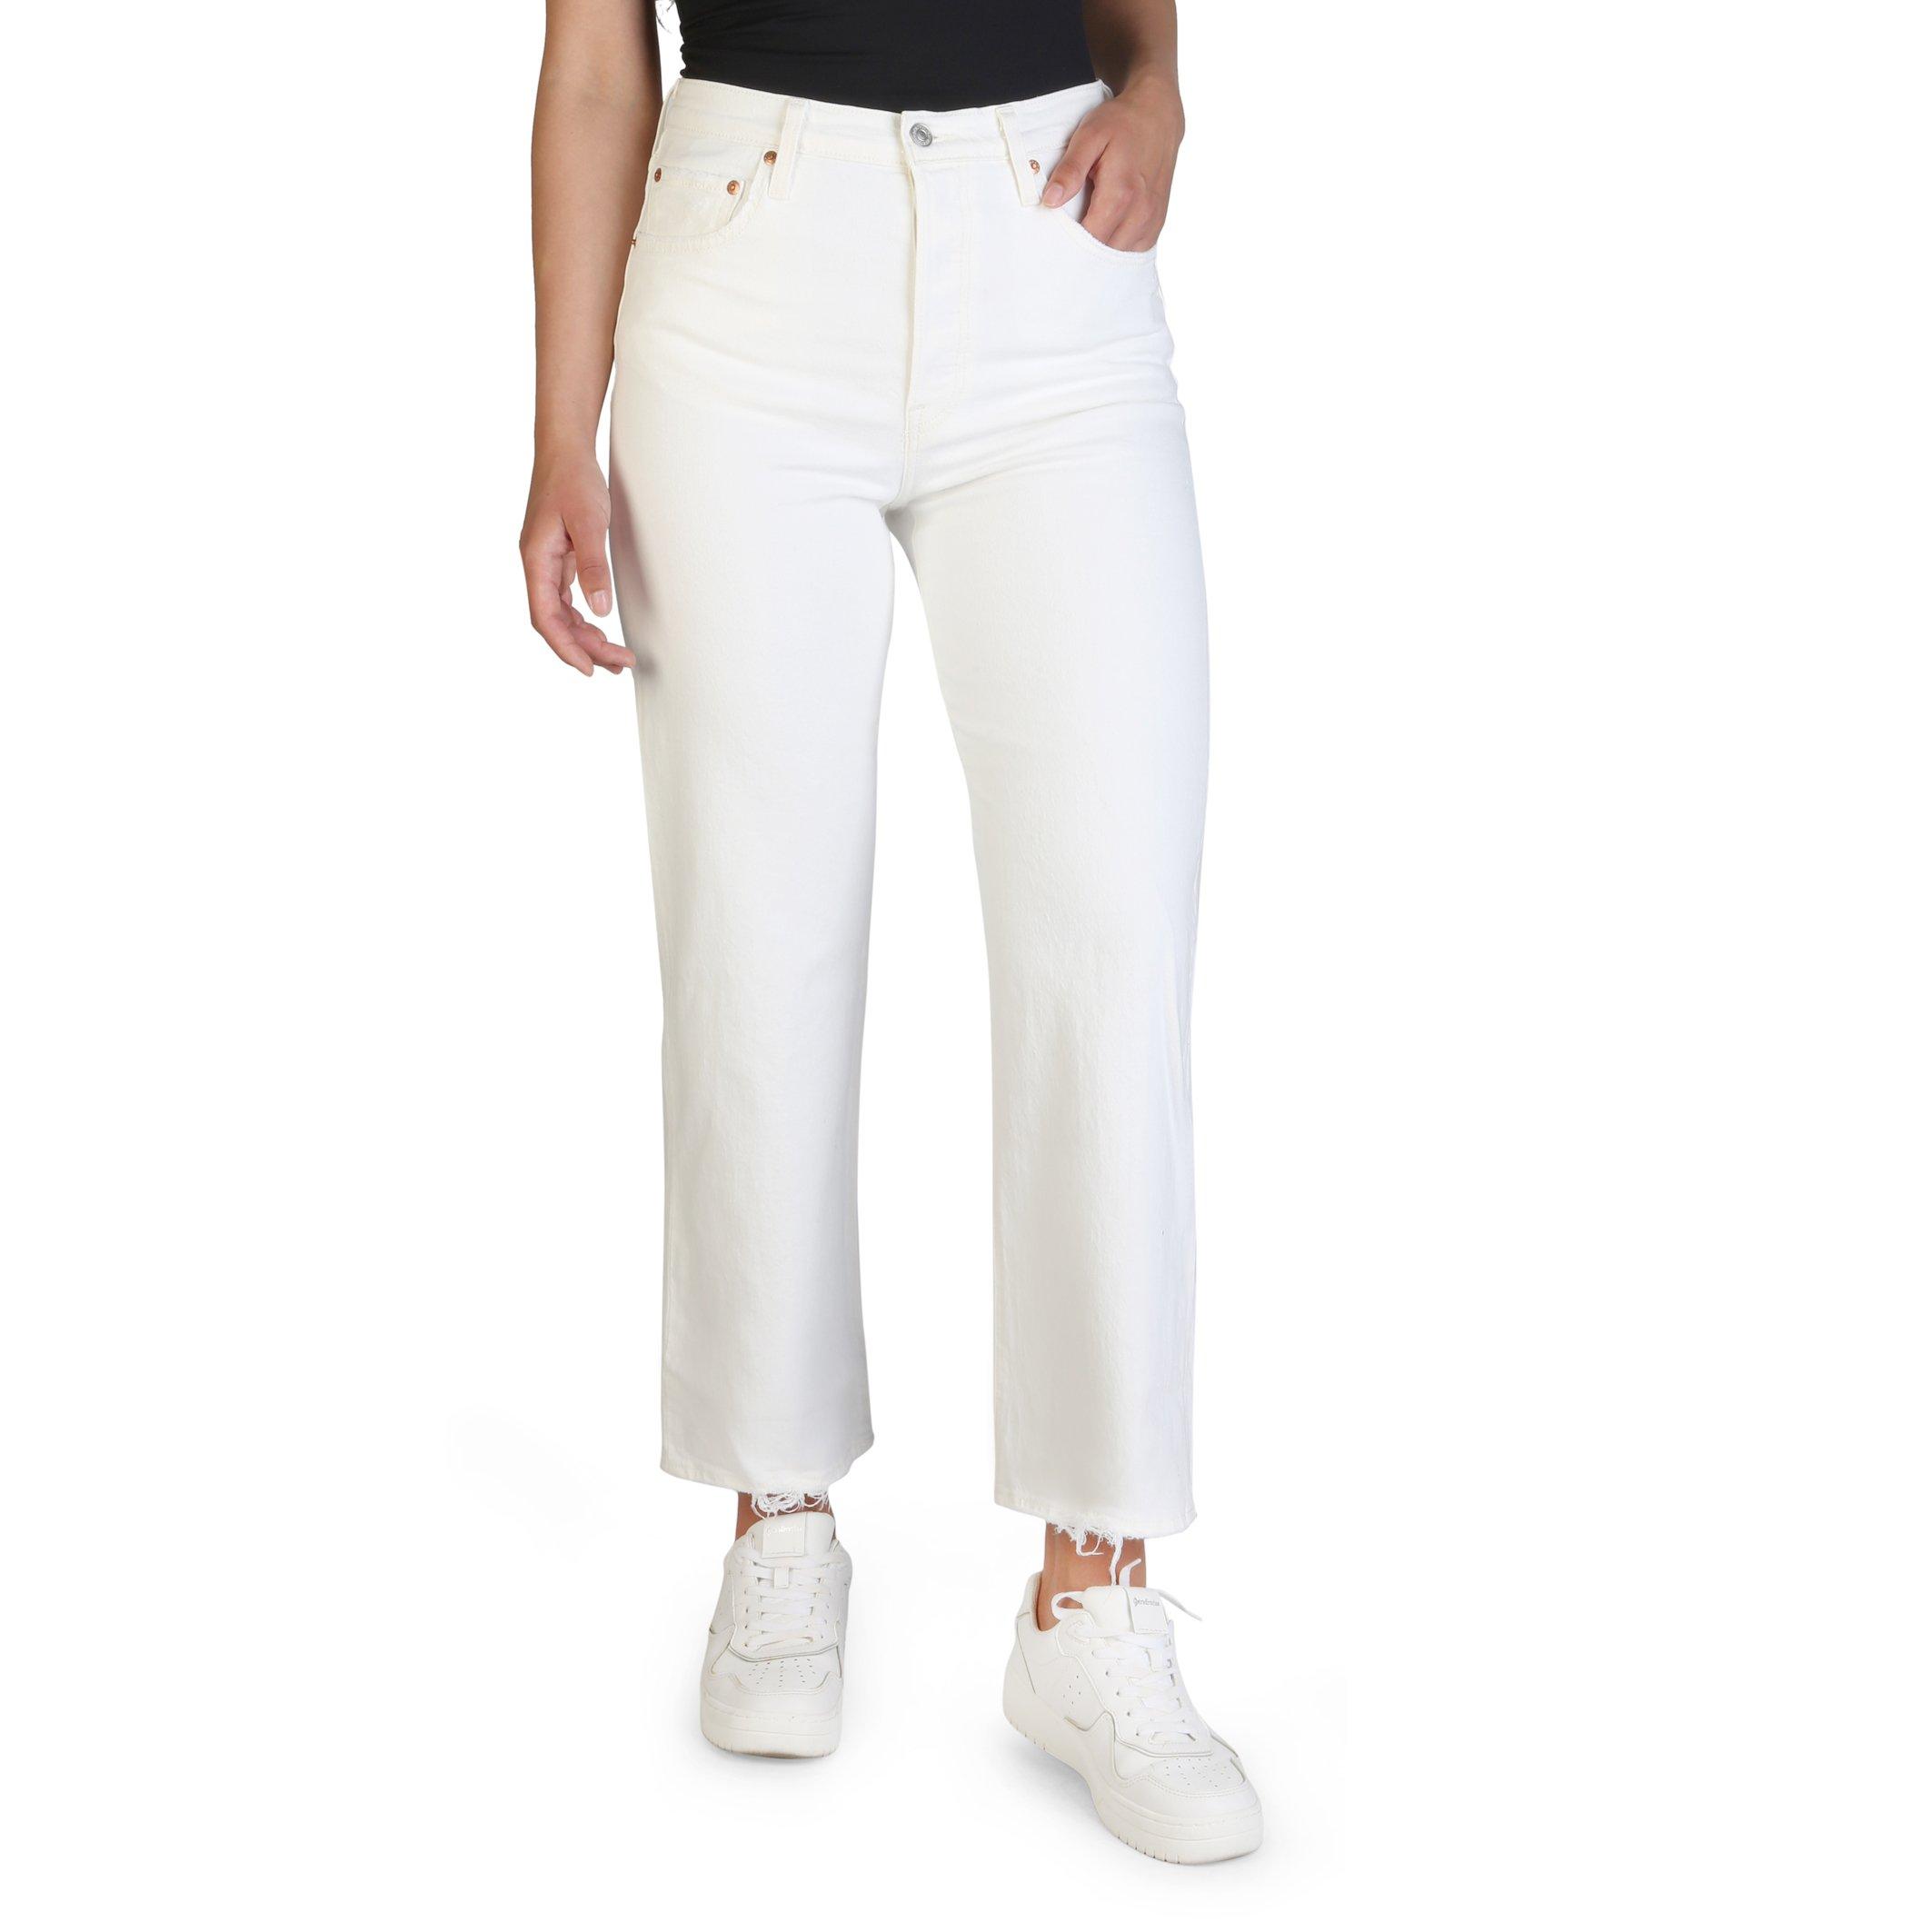 Levis Women's Jeans Various Colours 72693 - white 26